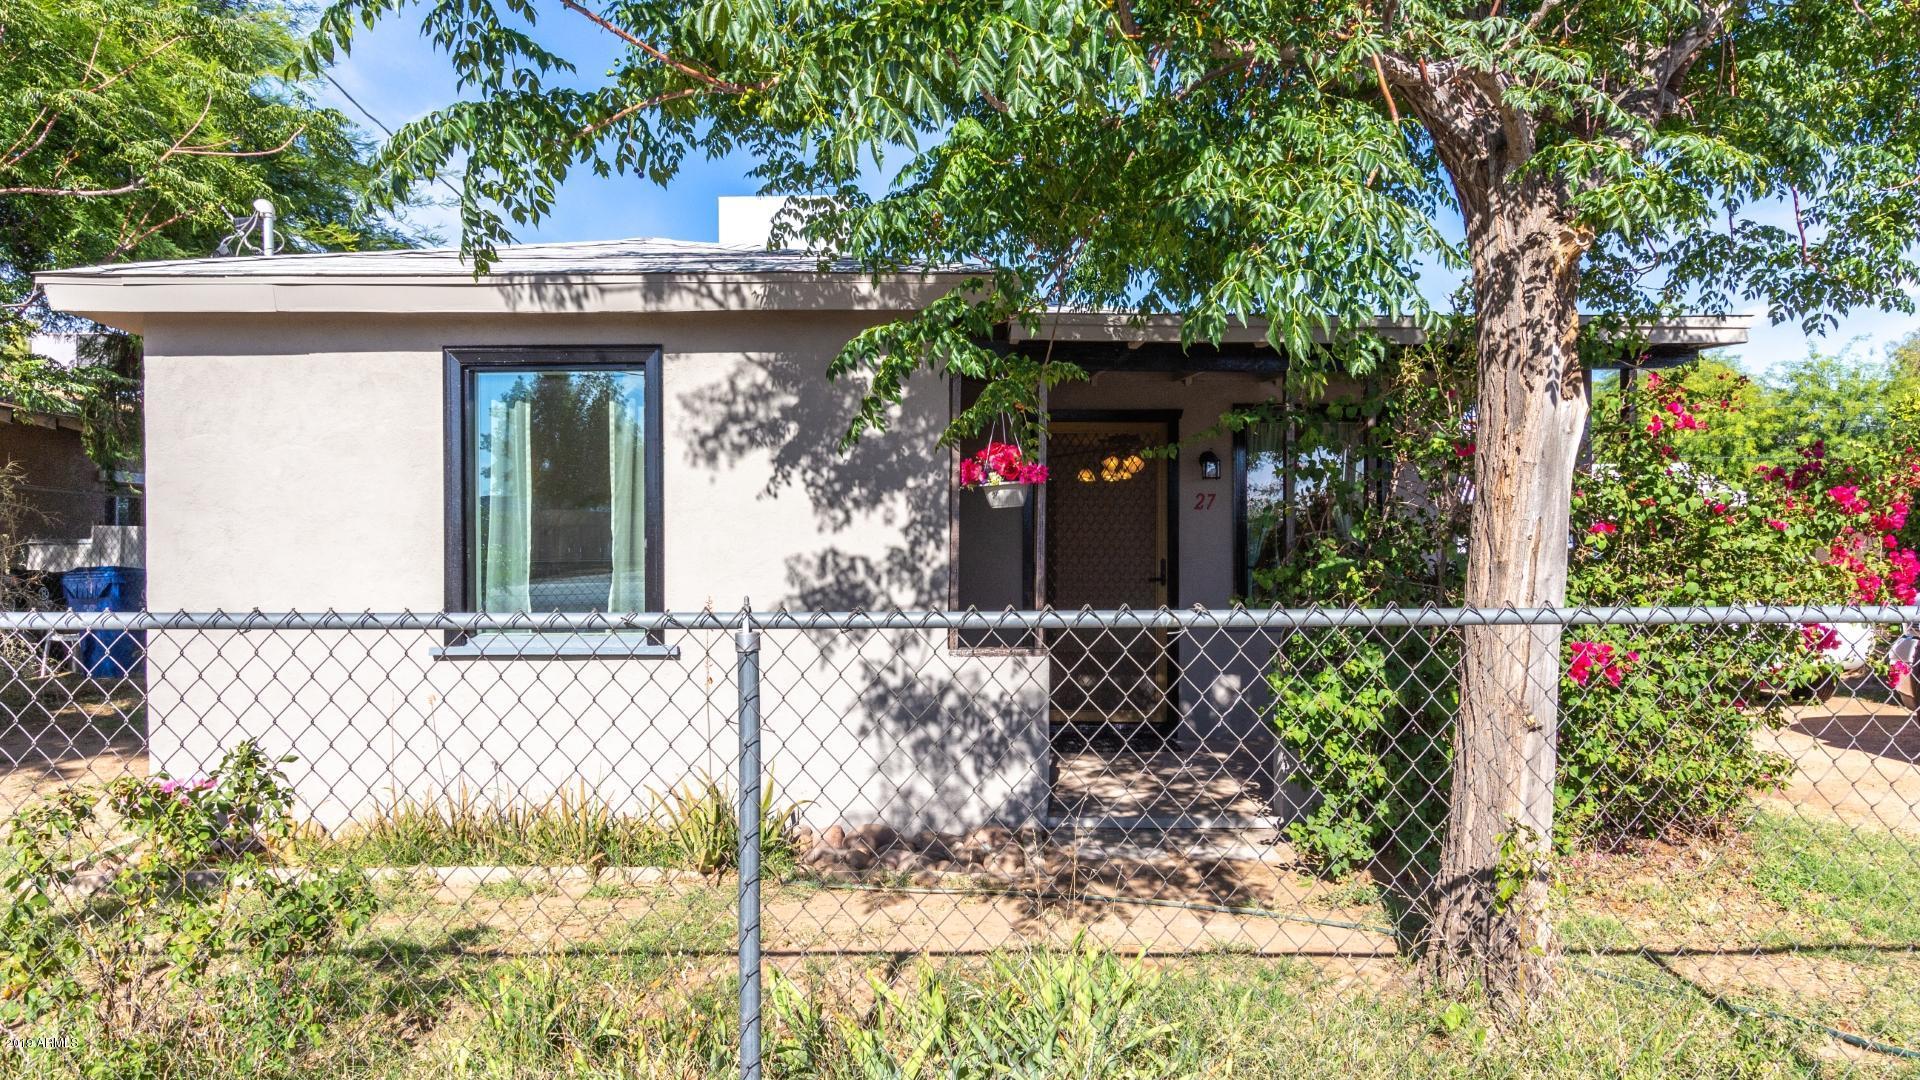 Photo of 27 S CENTRAL Avenue, Avondale, AZ 85323